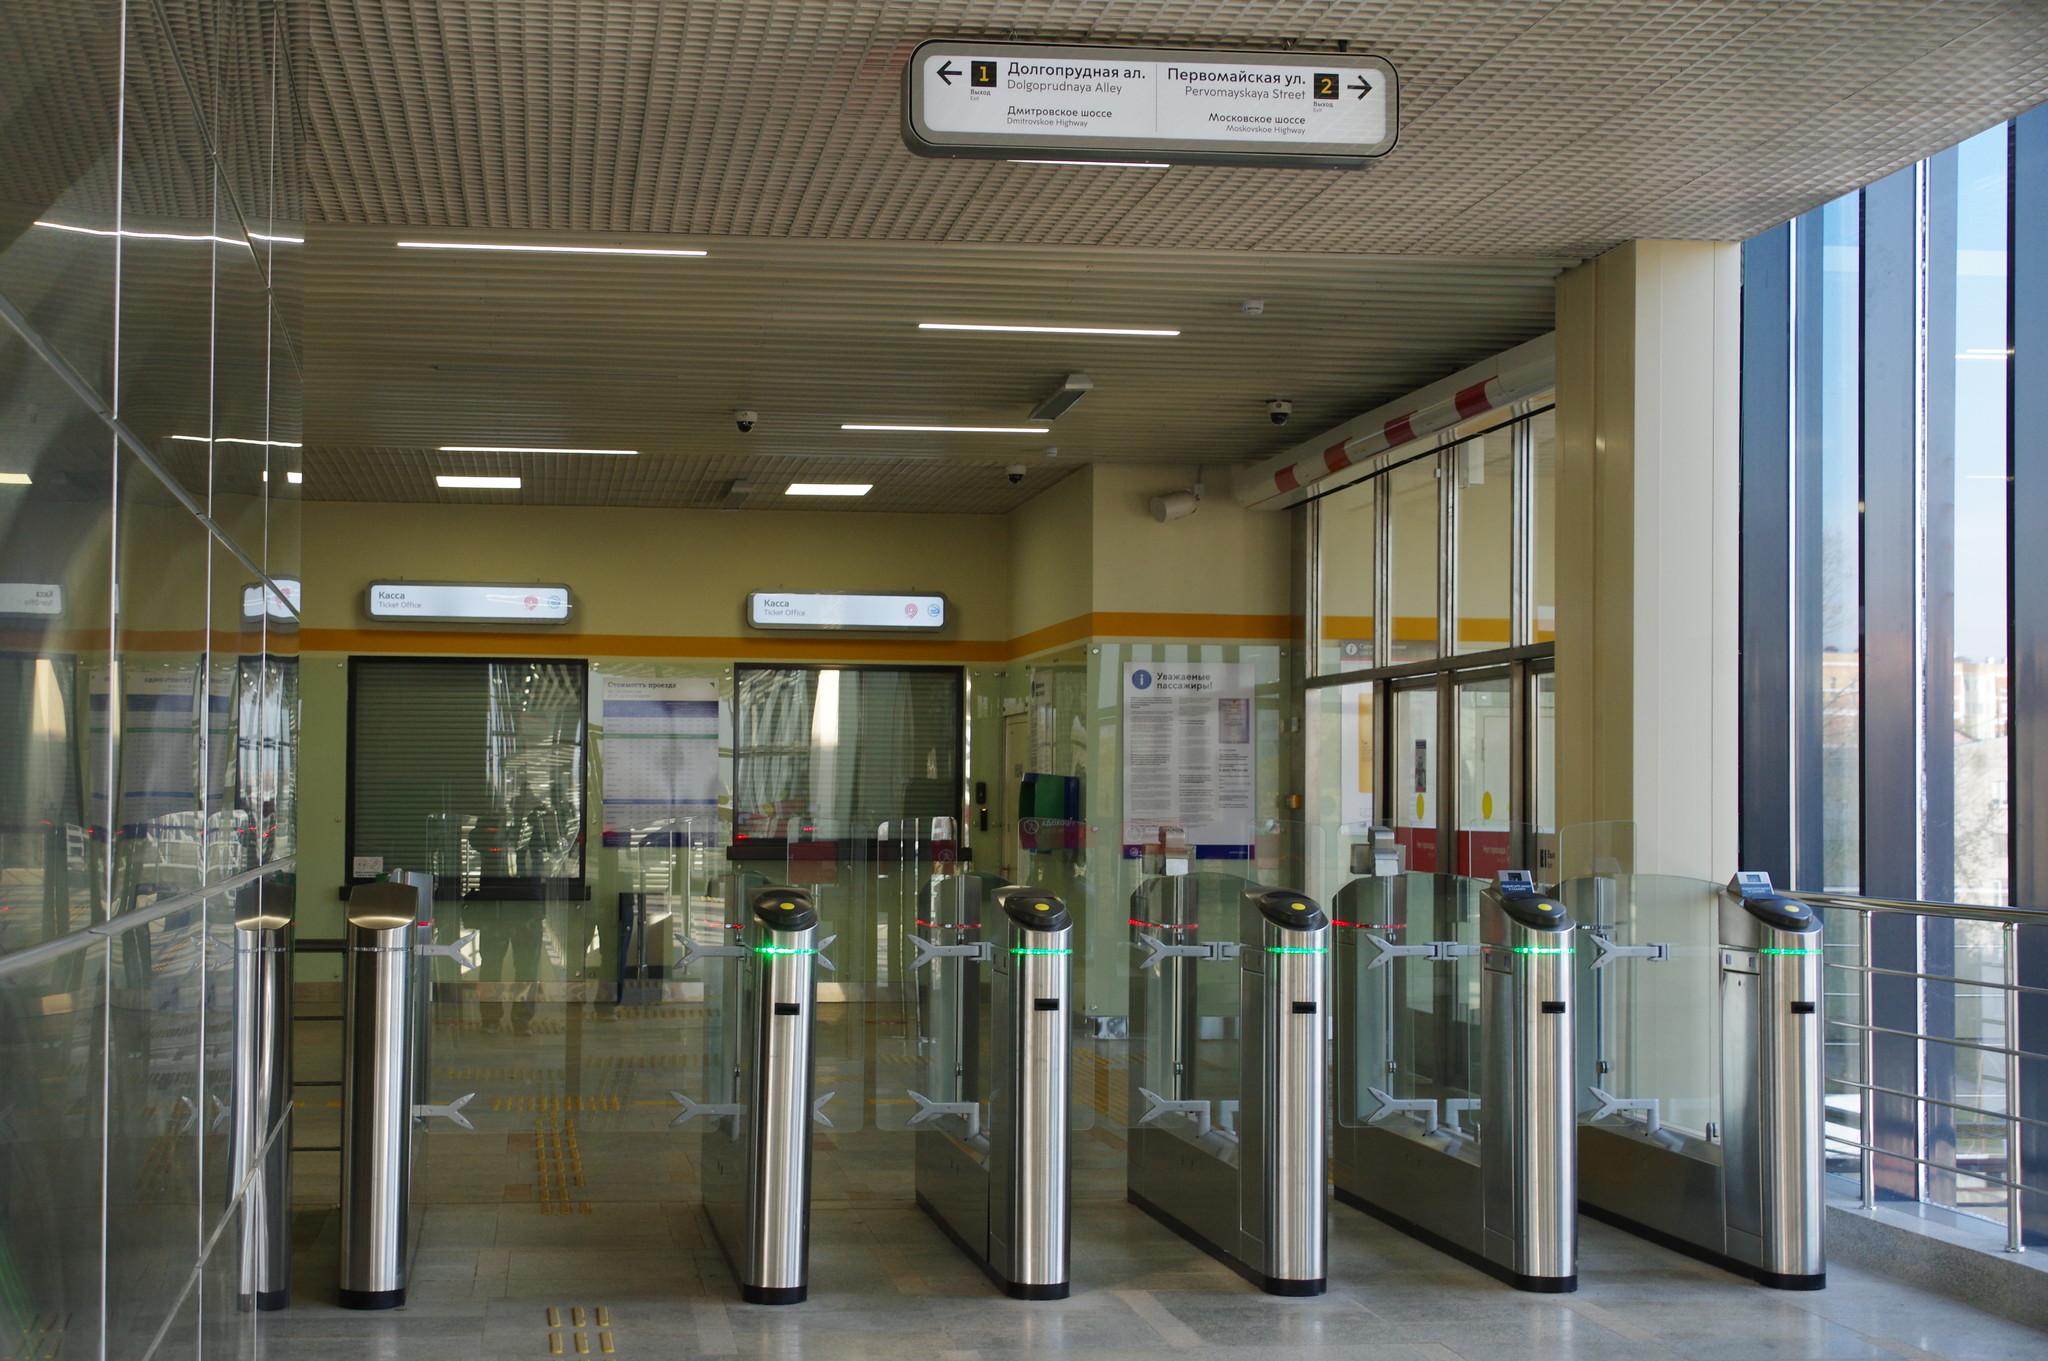 Станция «Долгопрудная» первого Московского центрального диаметра